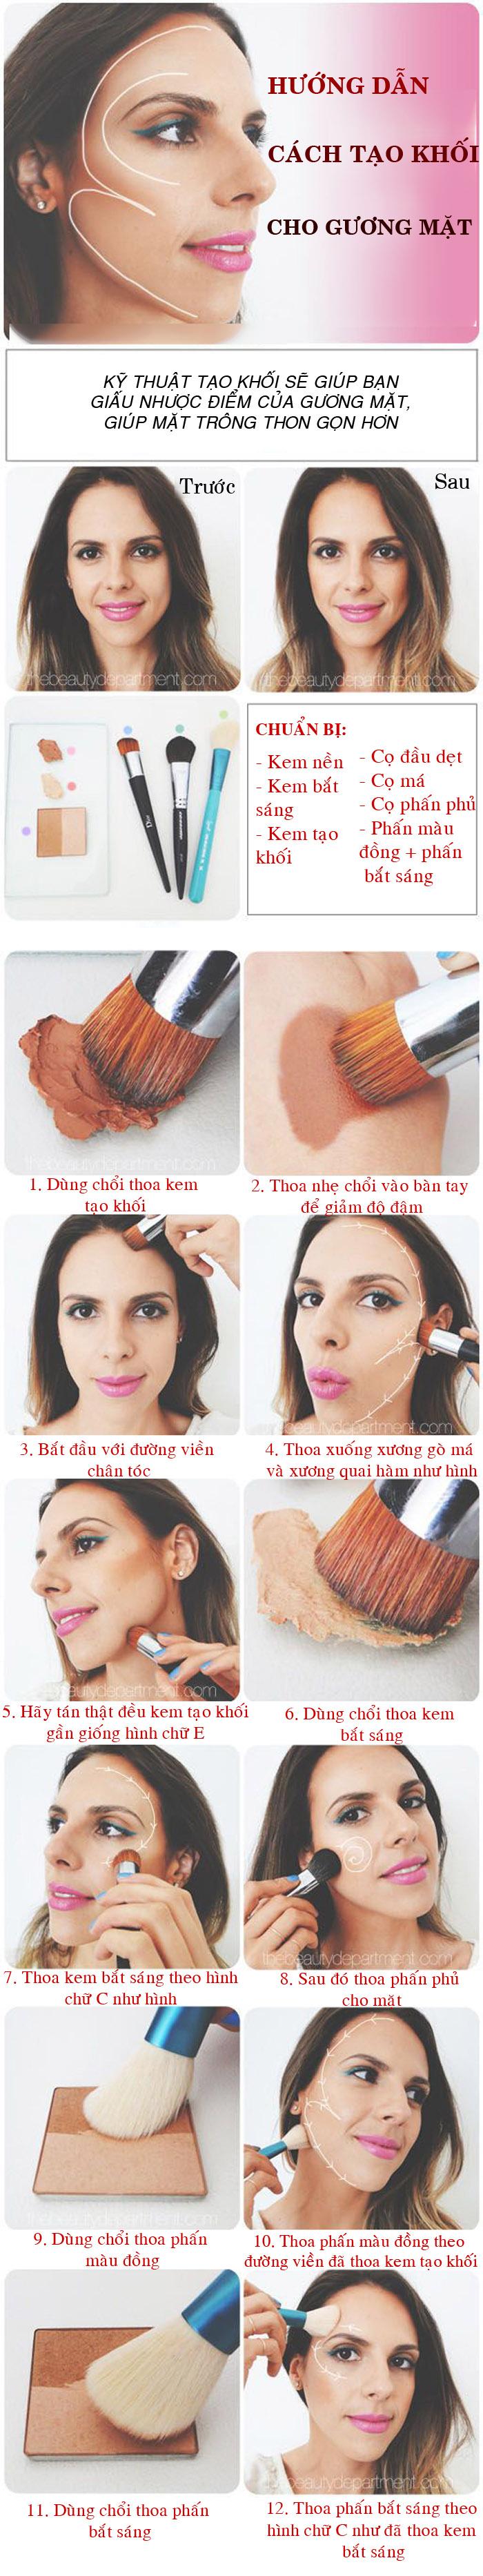 Hướng dẫn cách trang điểm tạo khối giúp gương mặt thon gọn hơn - 1